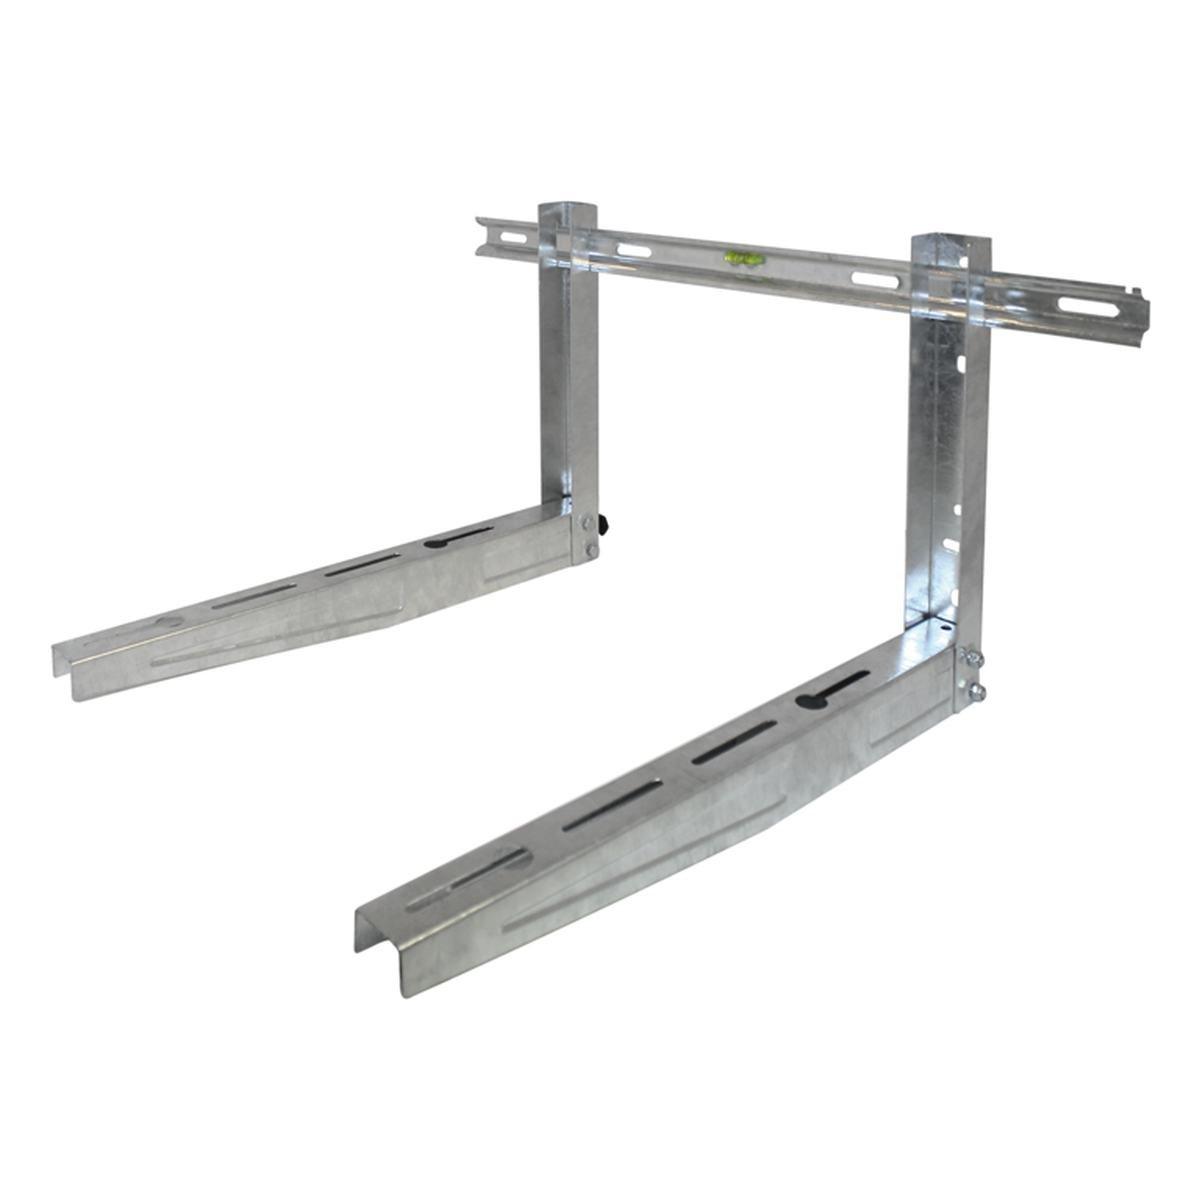 Montasjebeslag justerbar til vegg galvanisertt stå